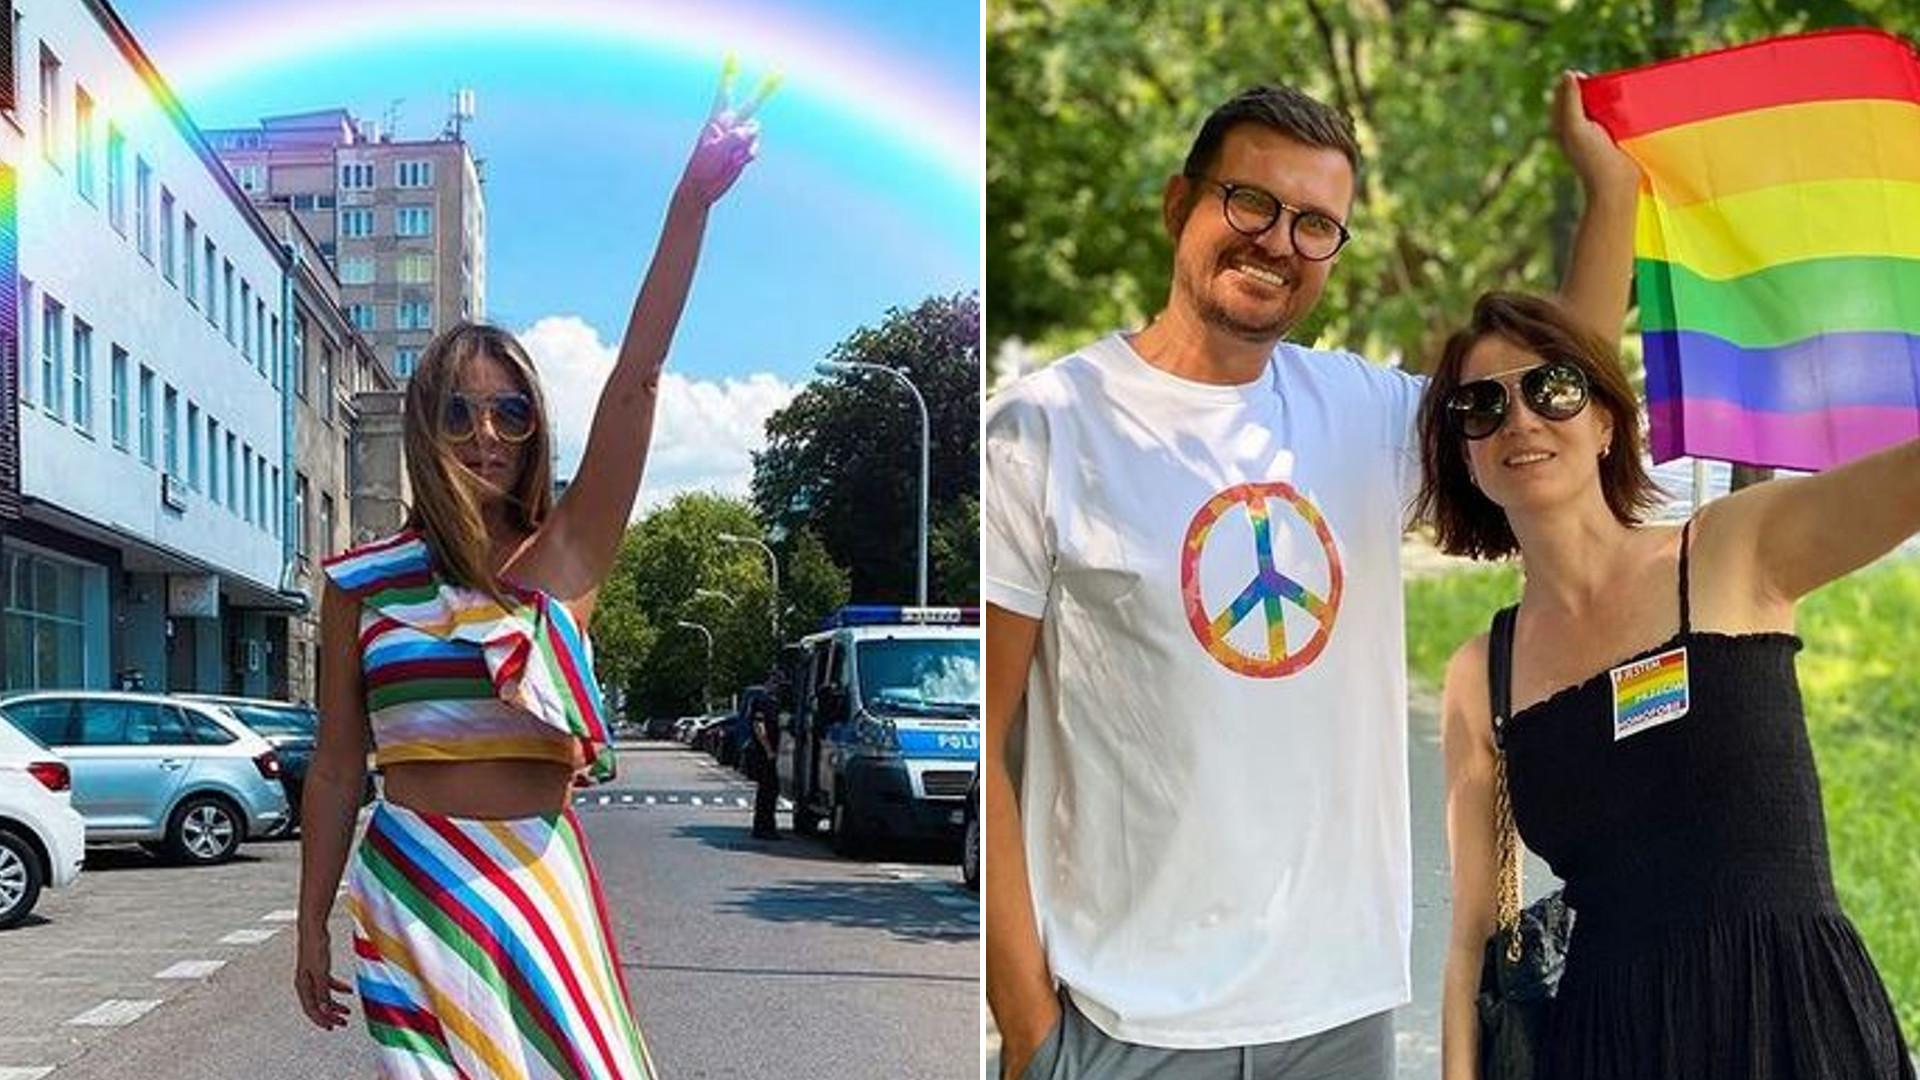 Gwiazdy wspierają Paradę Równości i LGBT: Małgorzata Rozenek, Natalia Nykiel, Maffashion